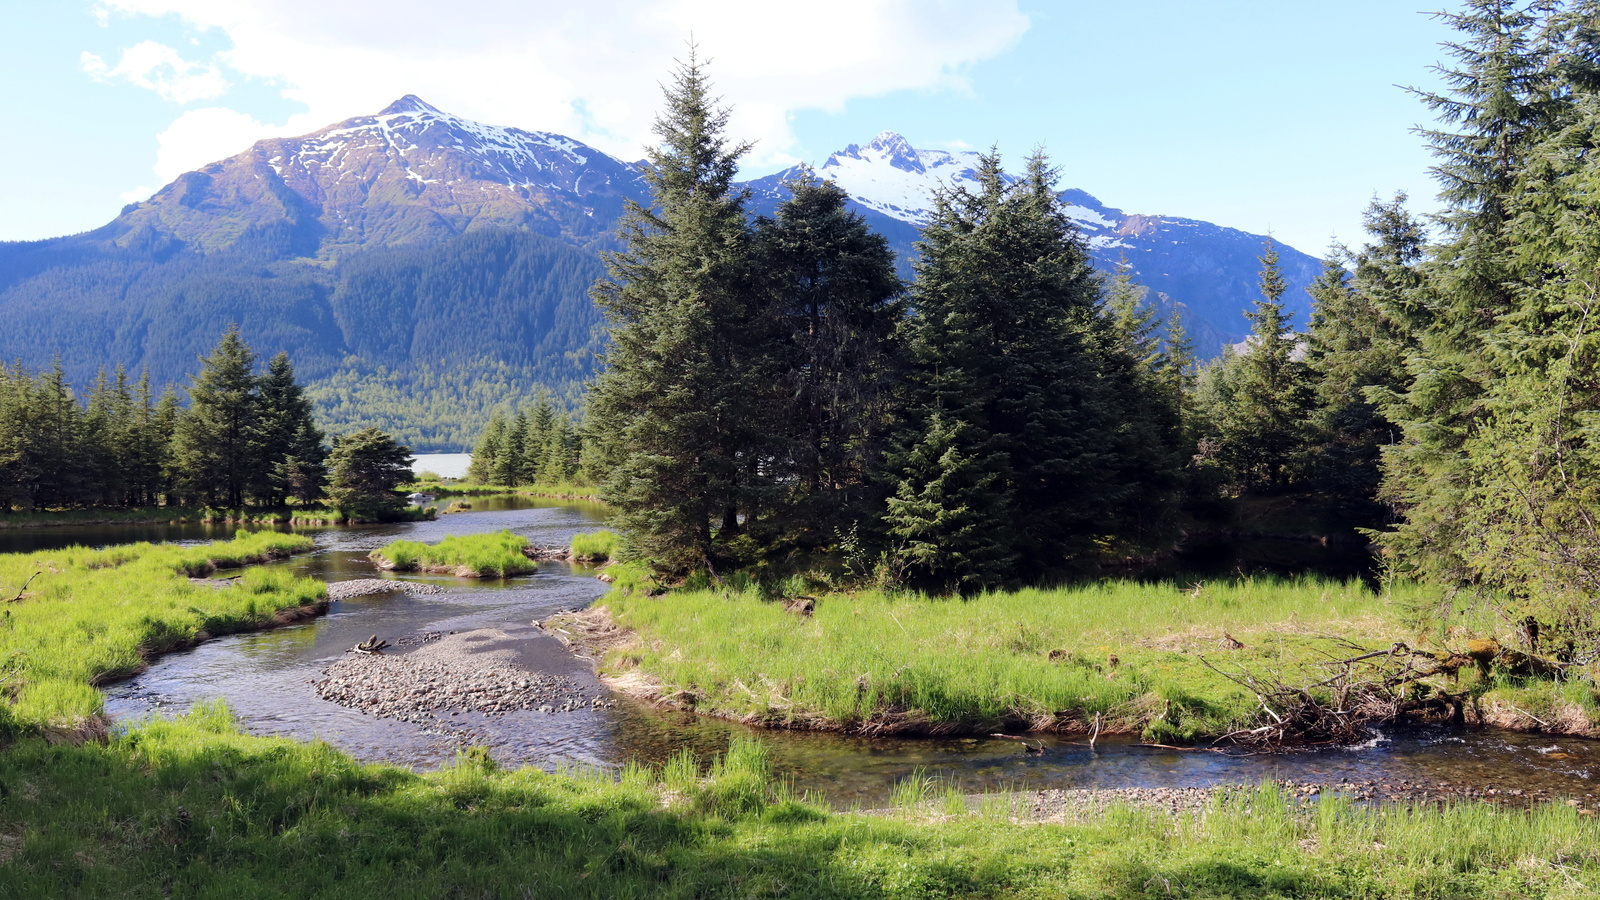 река, деревья, горы